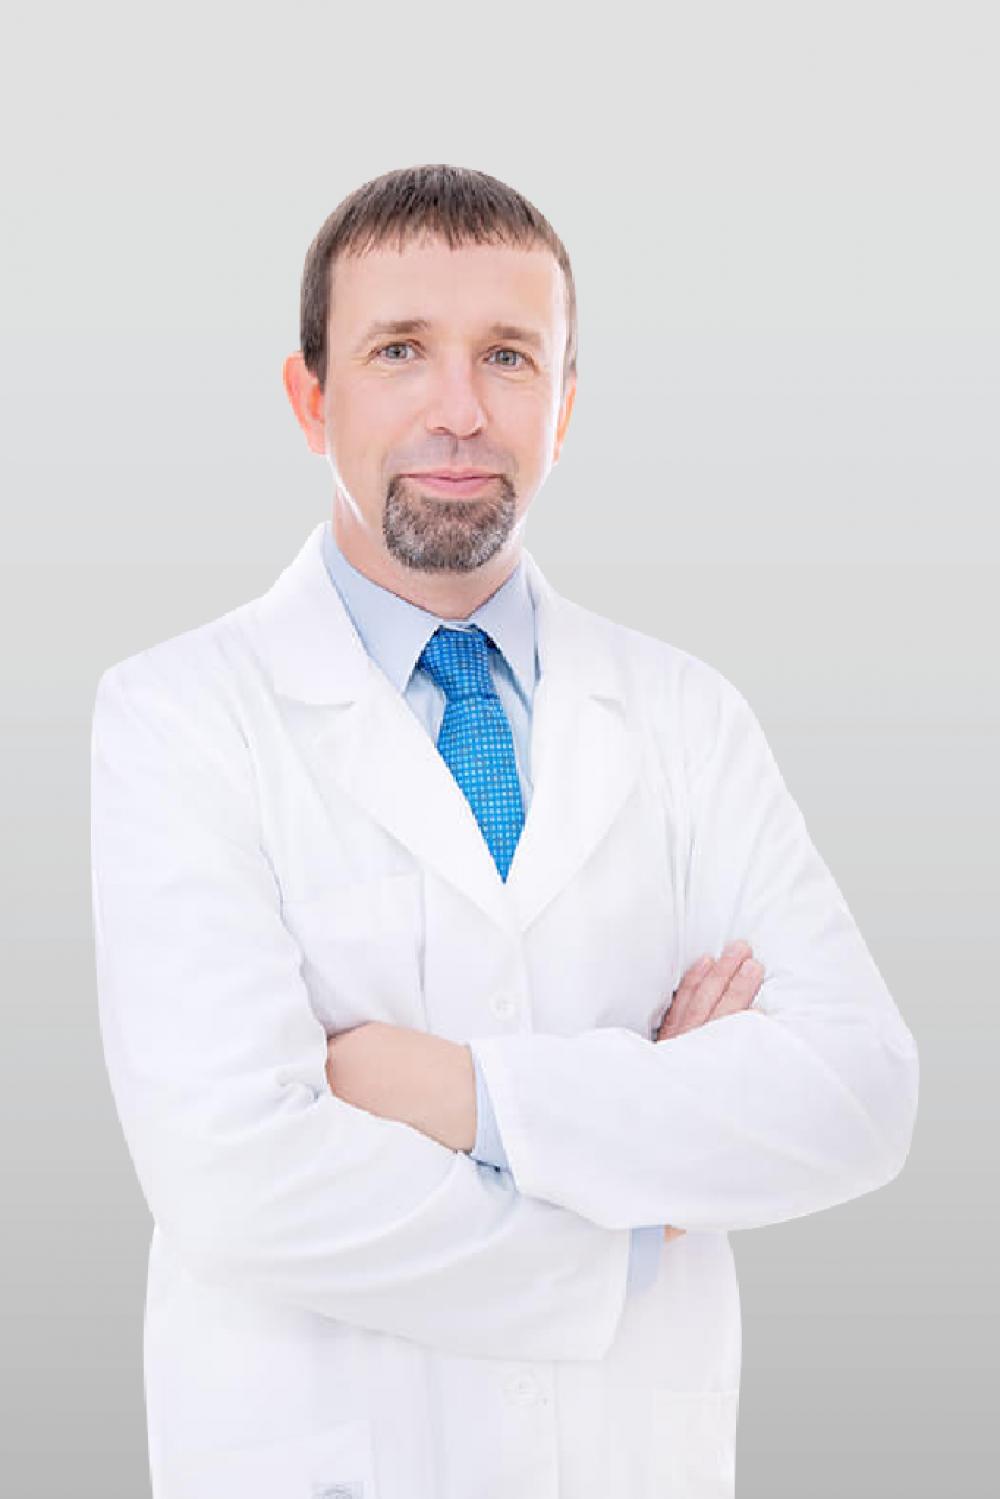 Marius Kašėta - Med. m. dr. gydytojas otorinolaringologas